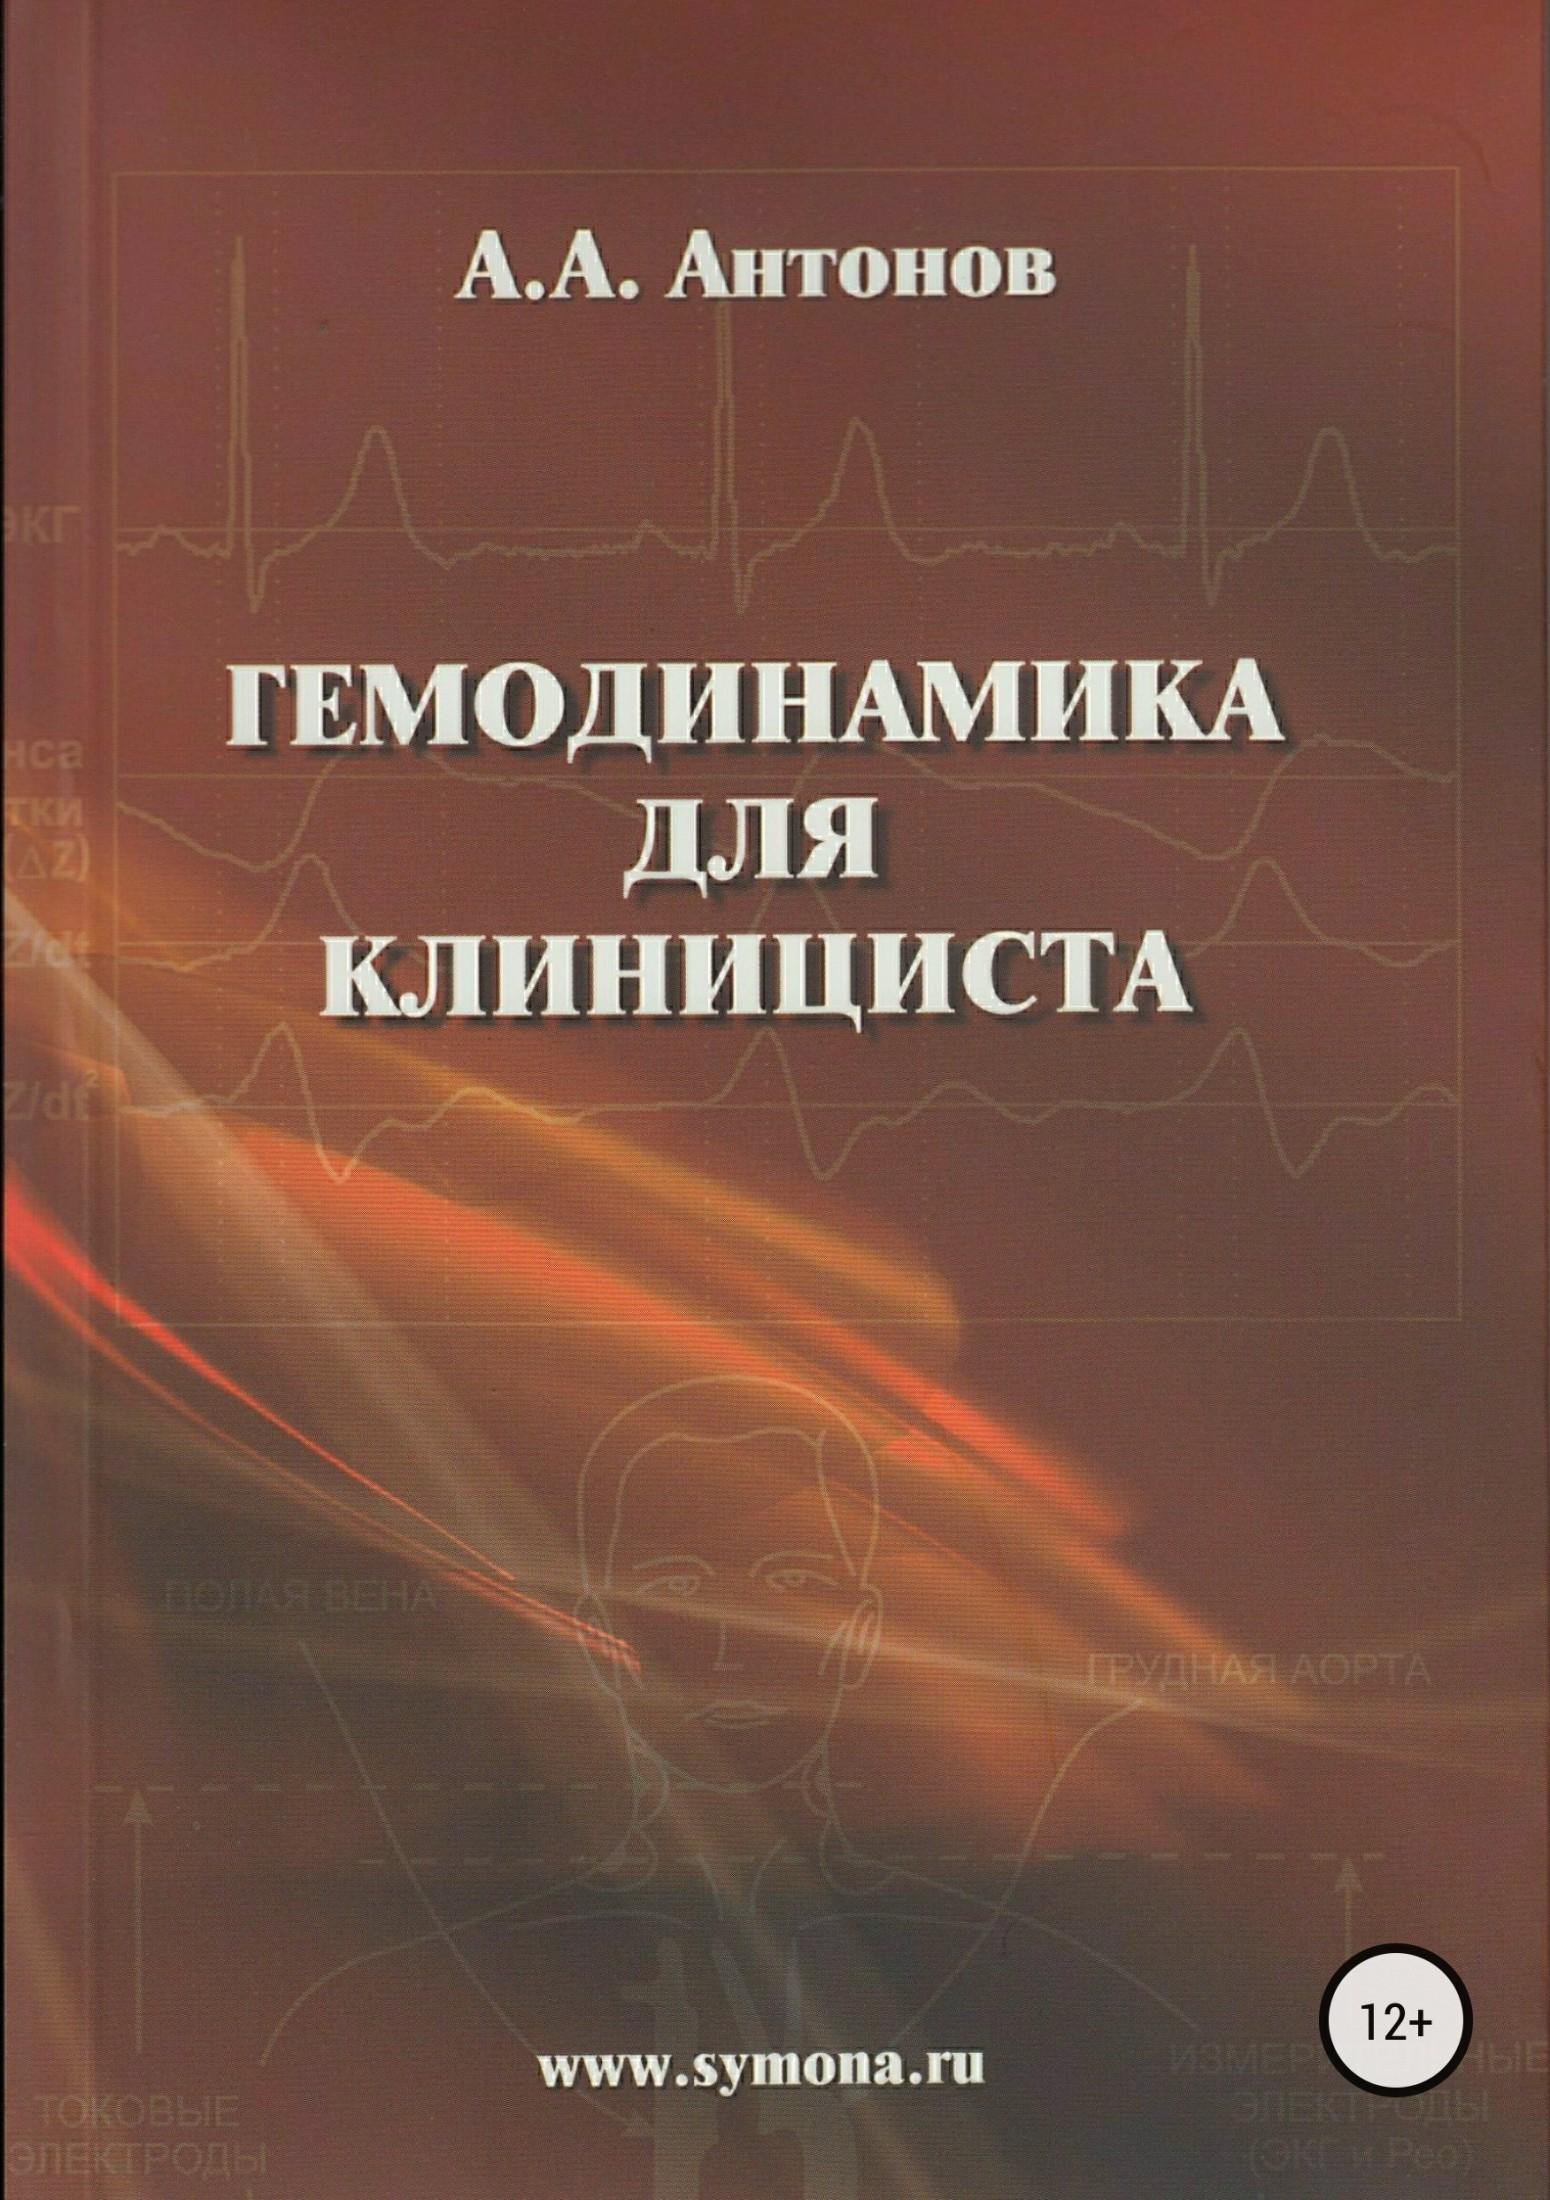 Александр Антонов - Гемодинамика для клинициста